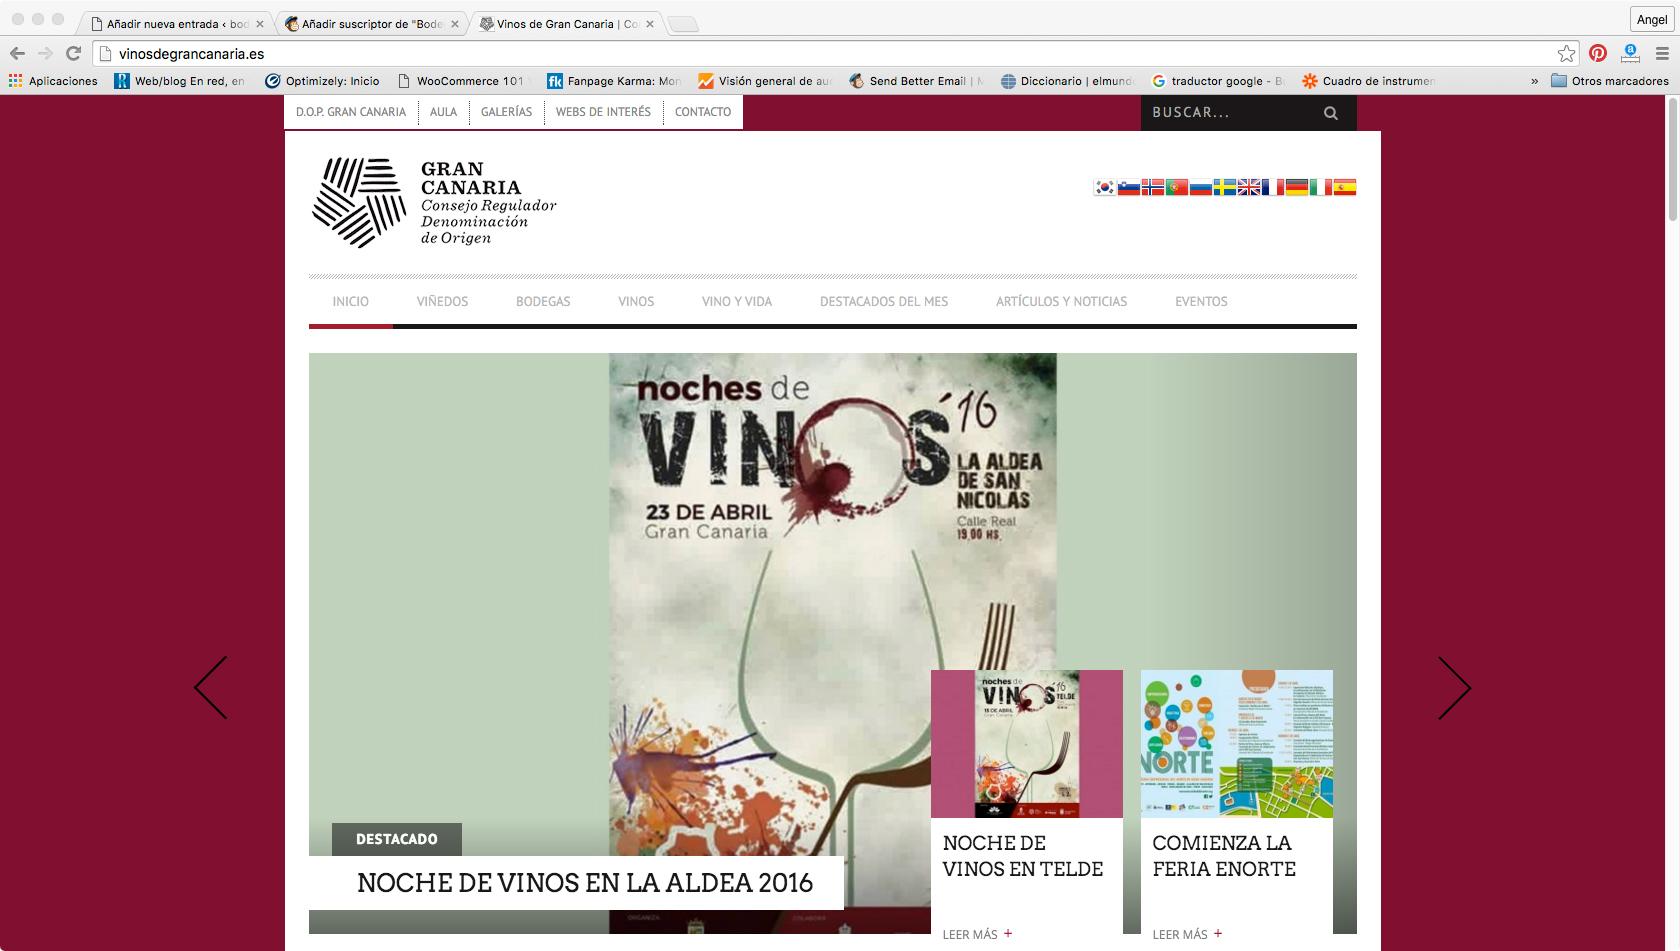 XXI Cata Insular de Vinos de Gran Canaria. Publicadas las bases del Concurso